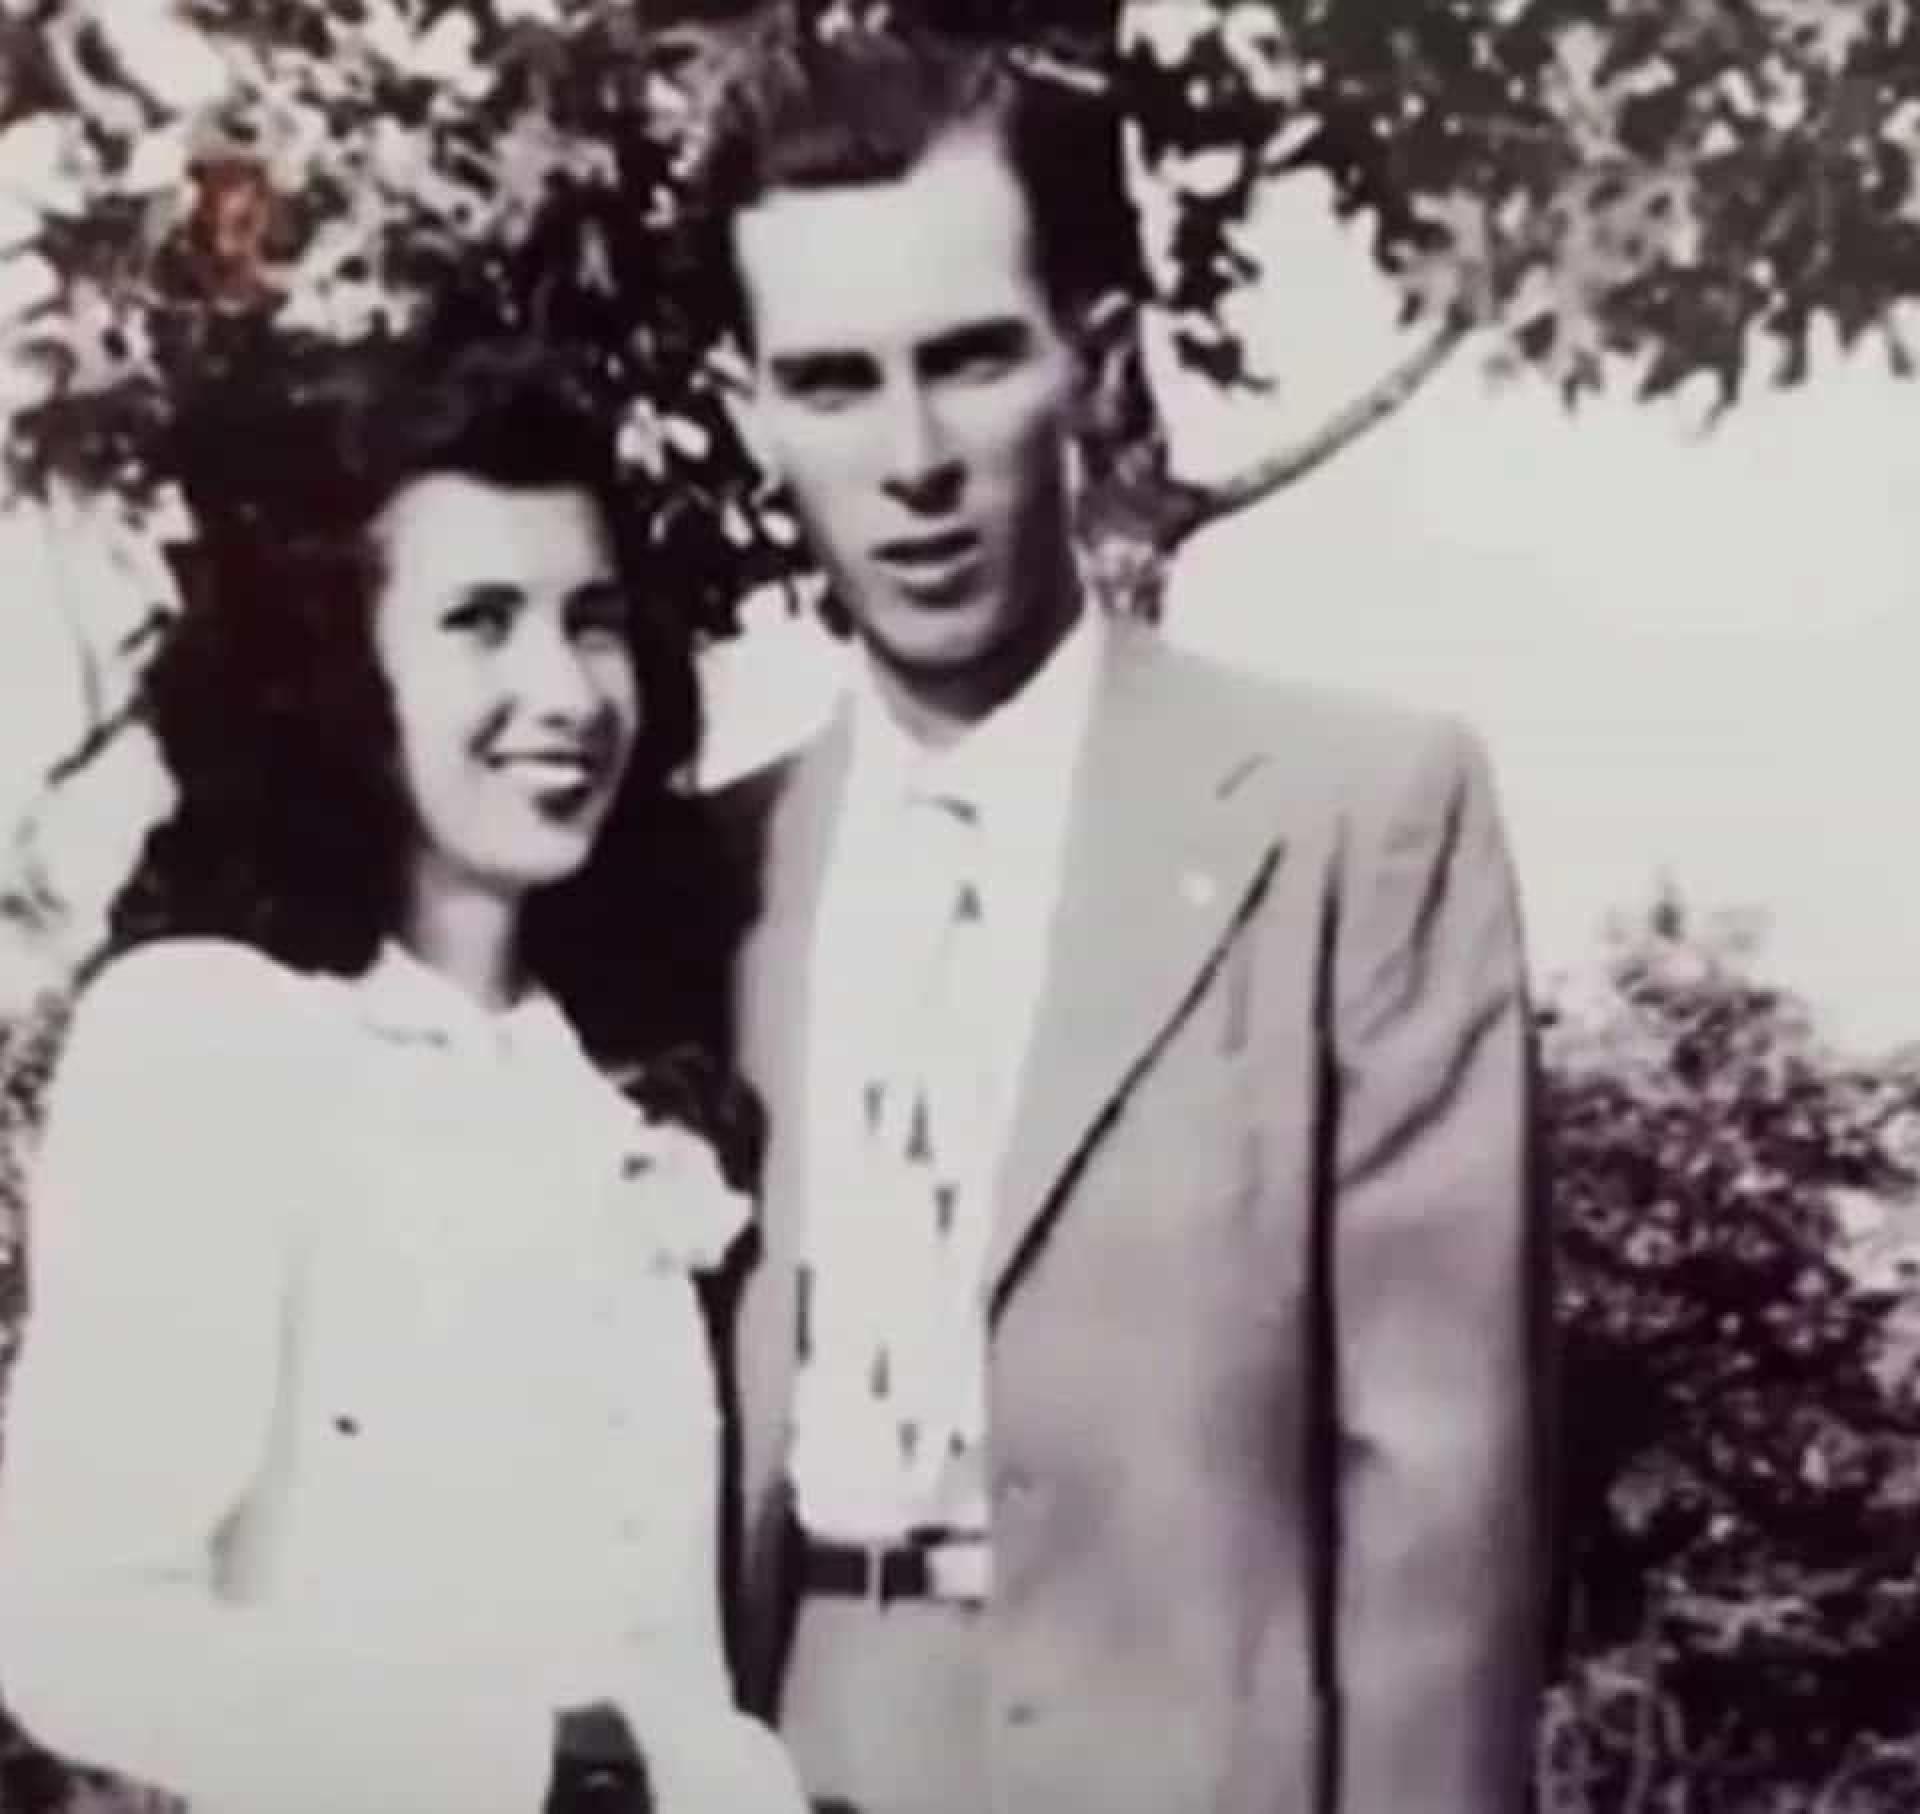 Casados há 71 anos morrem com apenas horas de diferença